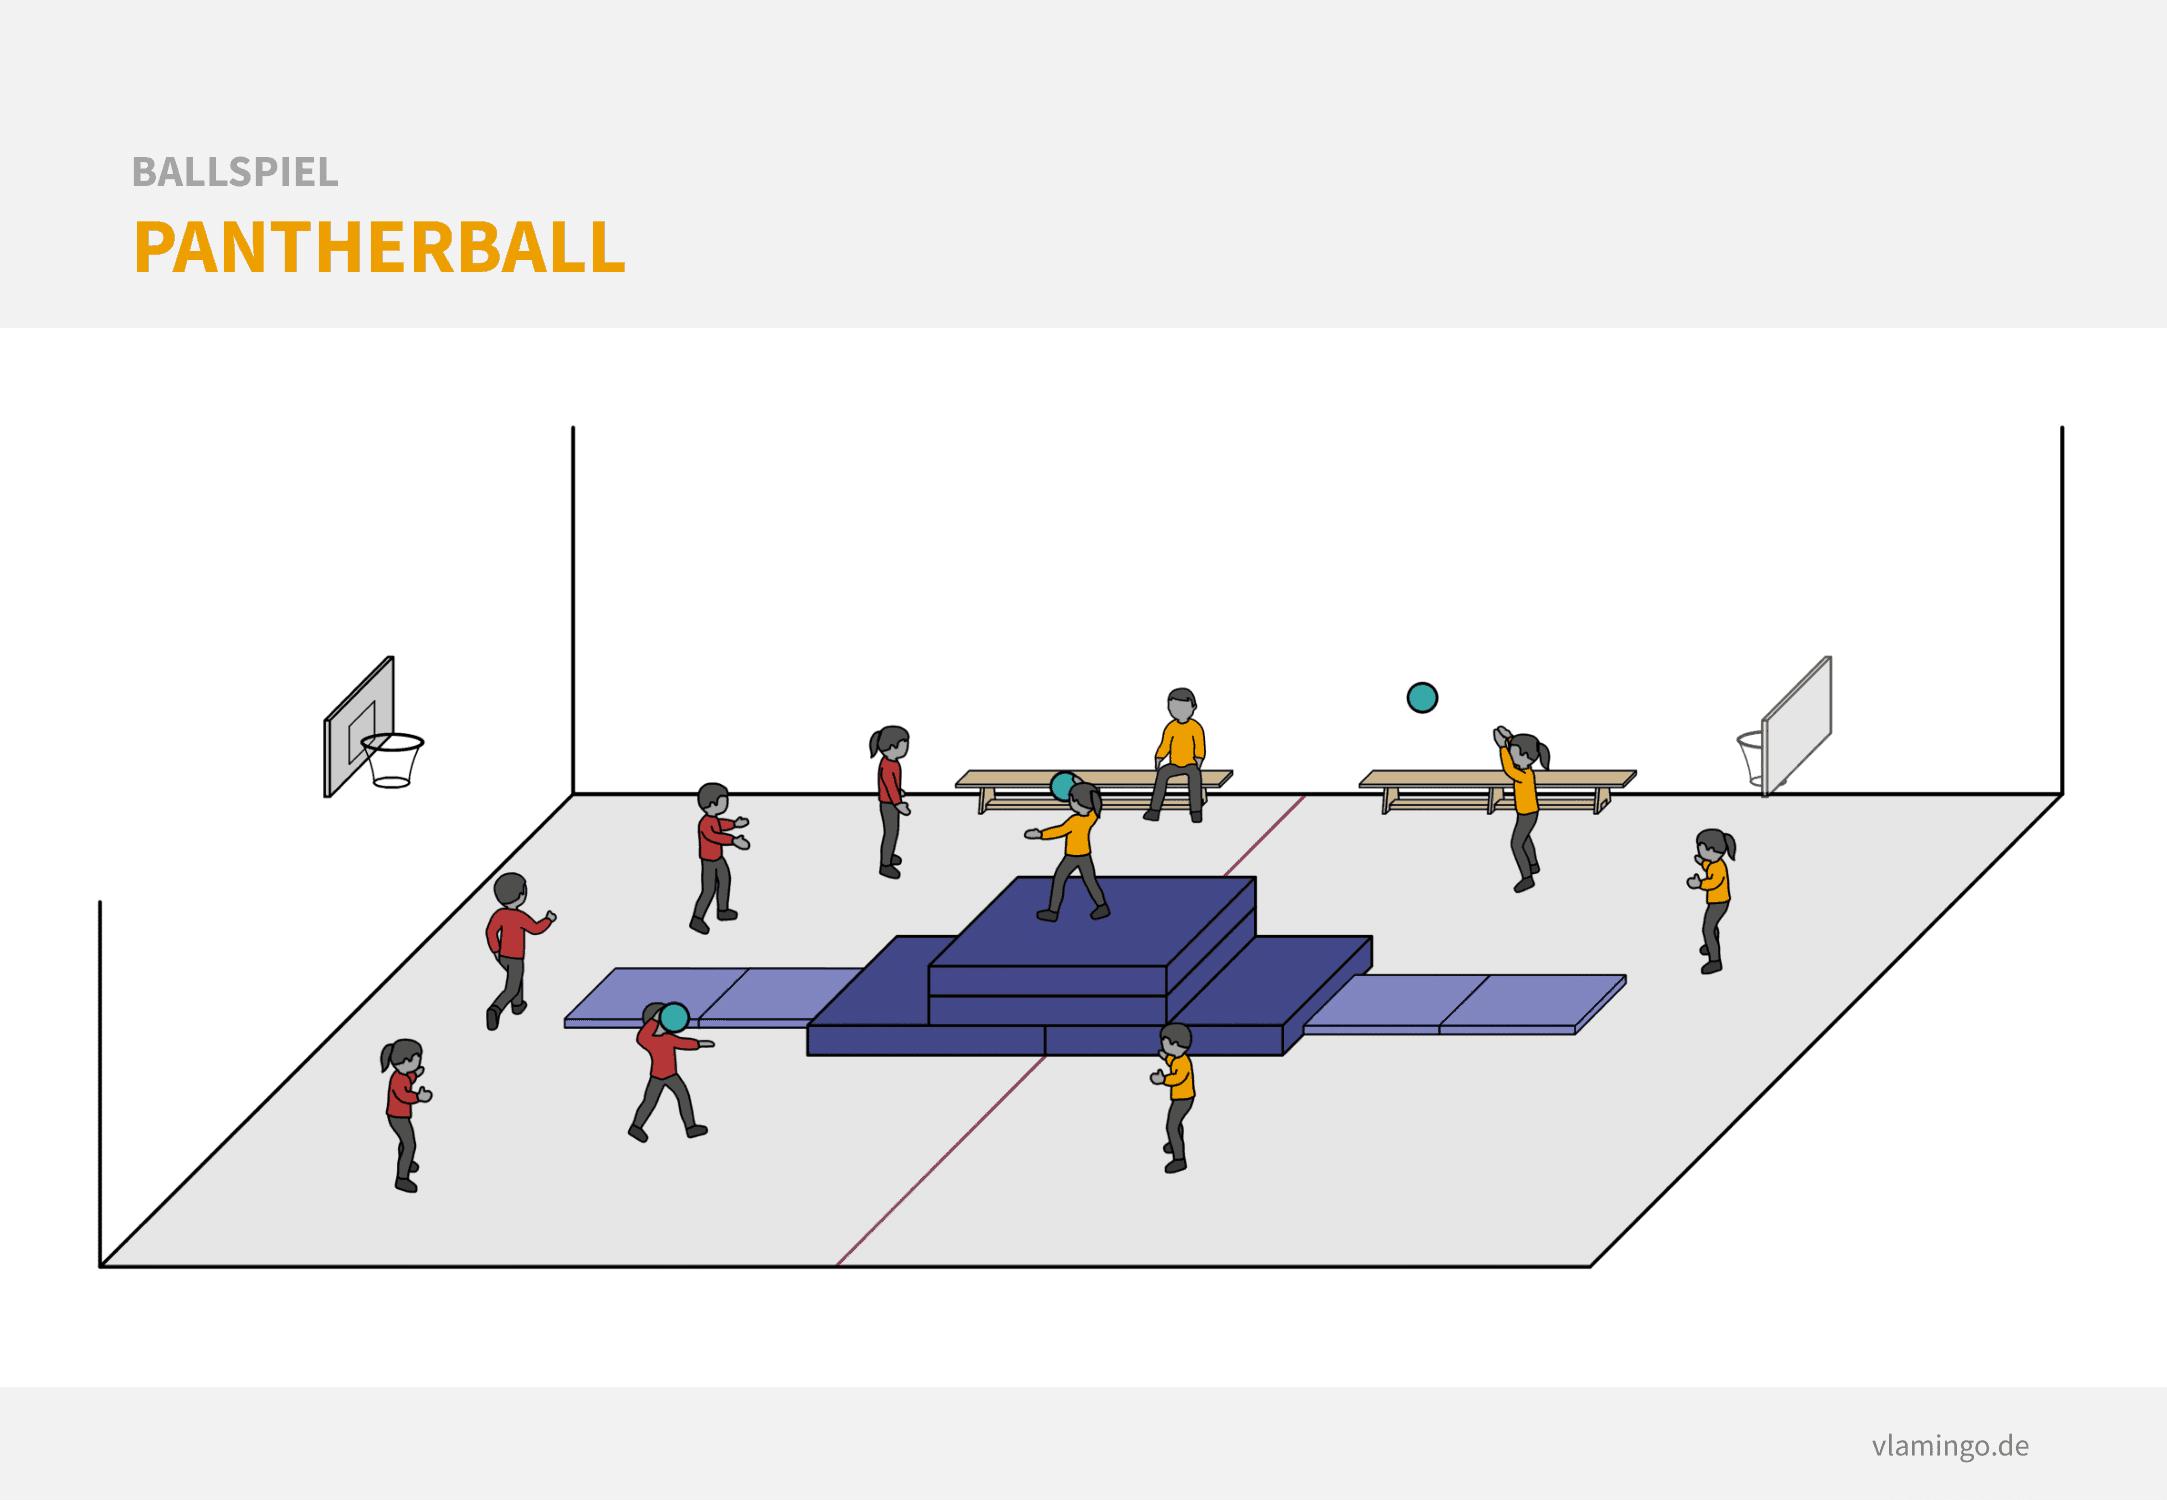 Ballspiel: Partnerball